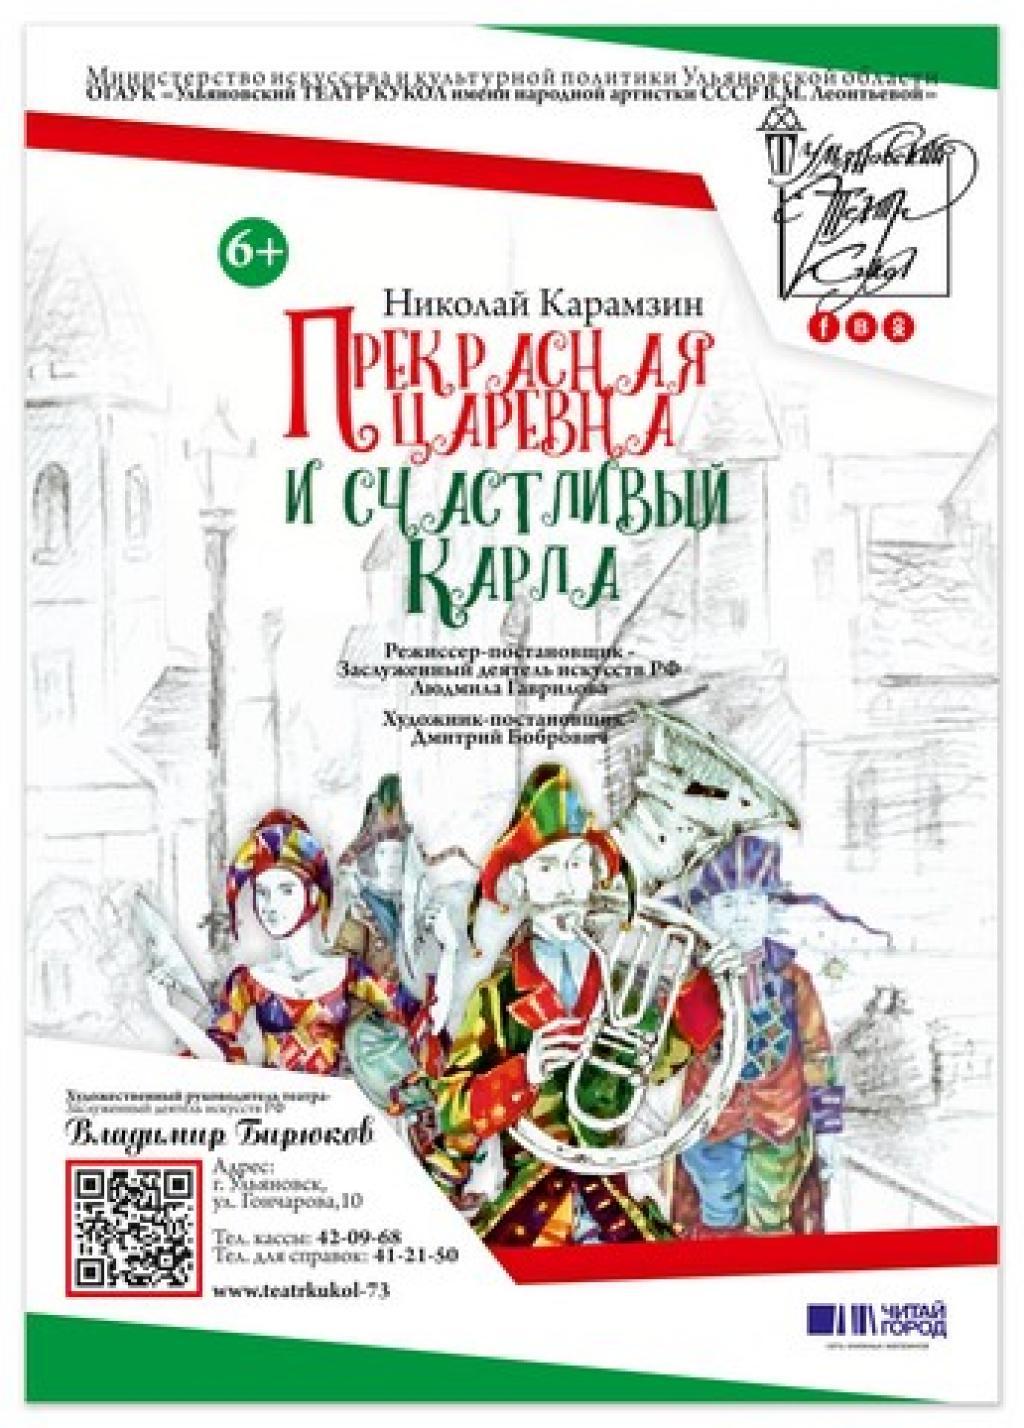 """Онлайн-спектакль от Театра кукол """"Прекрасная царевна и счастливый Карла"""""""